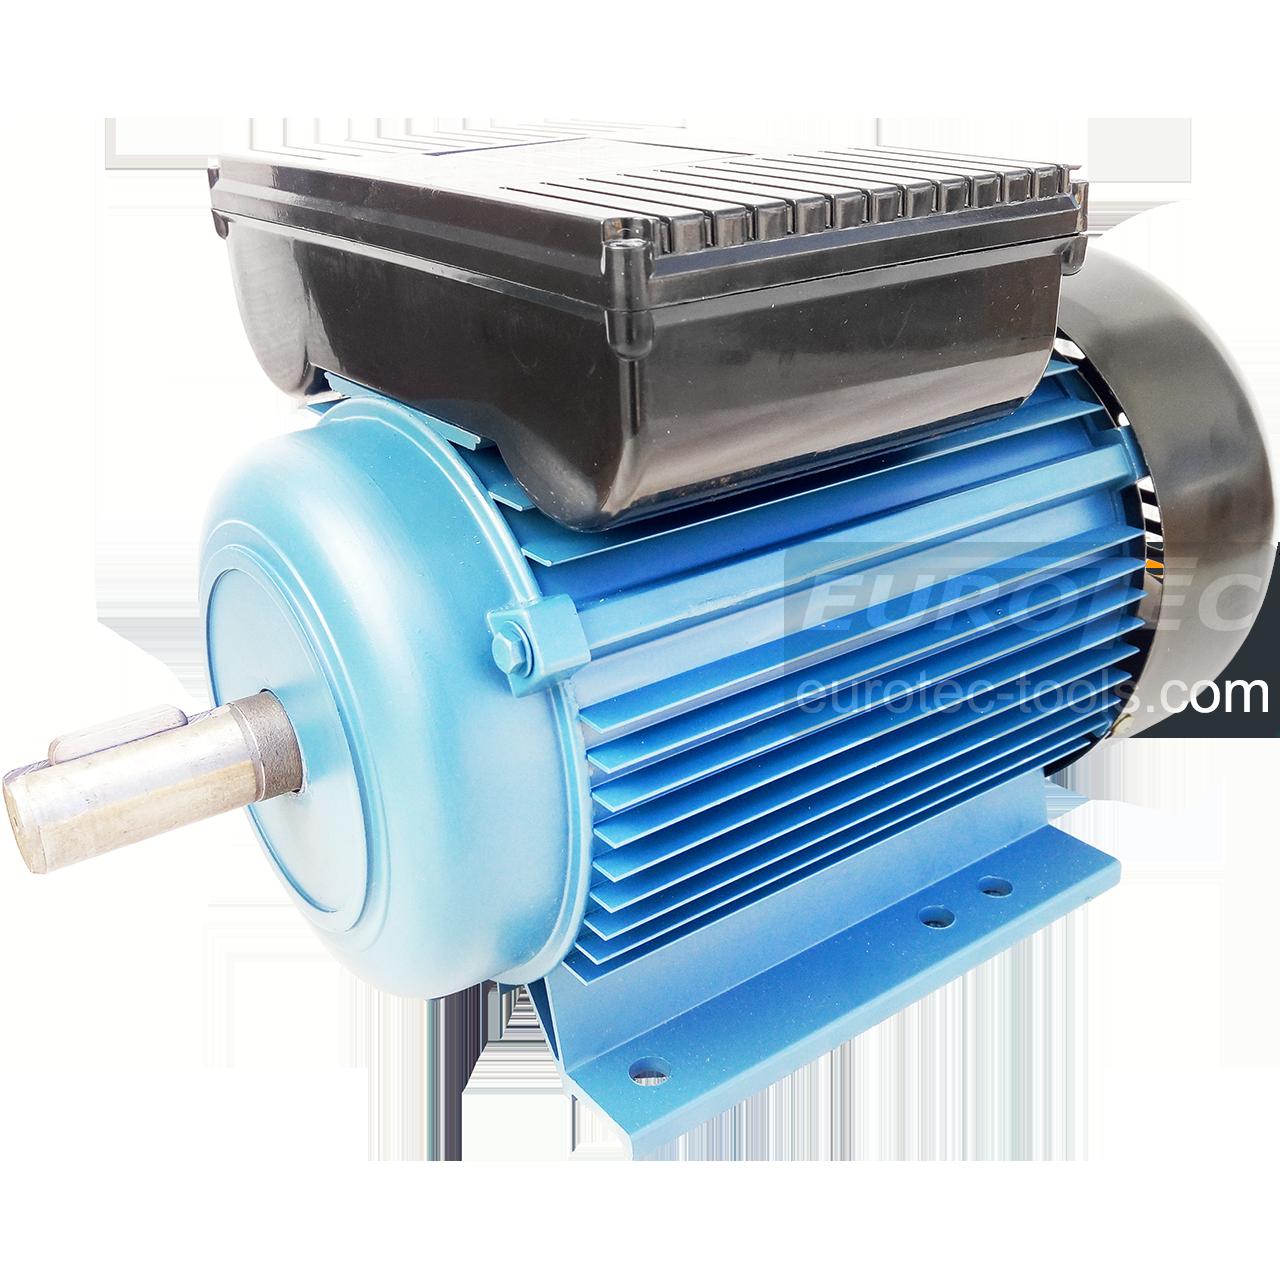 Асинхронный электродвигатель 2800 об. 2.2 кВт 220В Eurotec AT122 однофазный двигатель переменного тока 3000 об